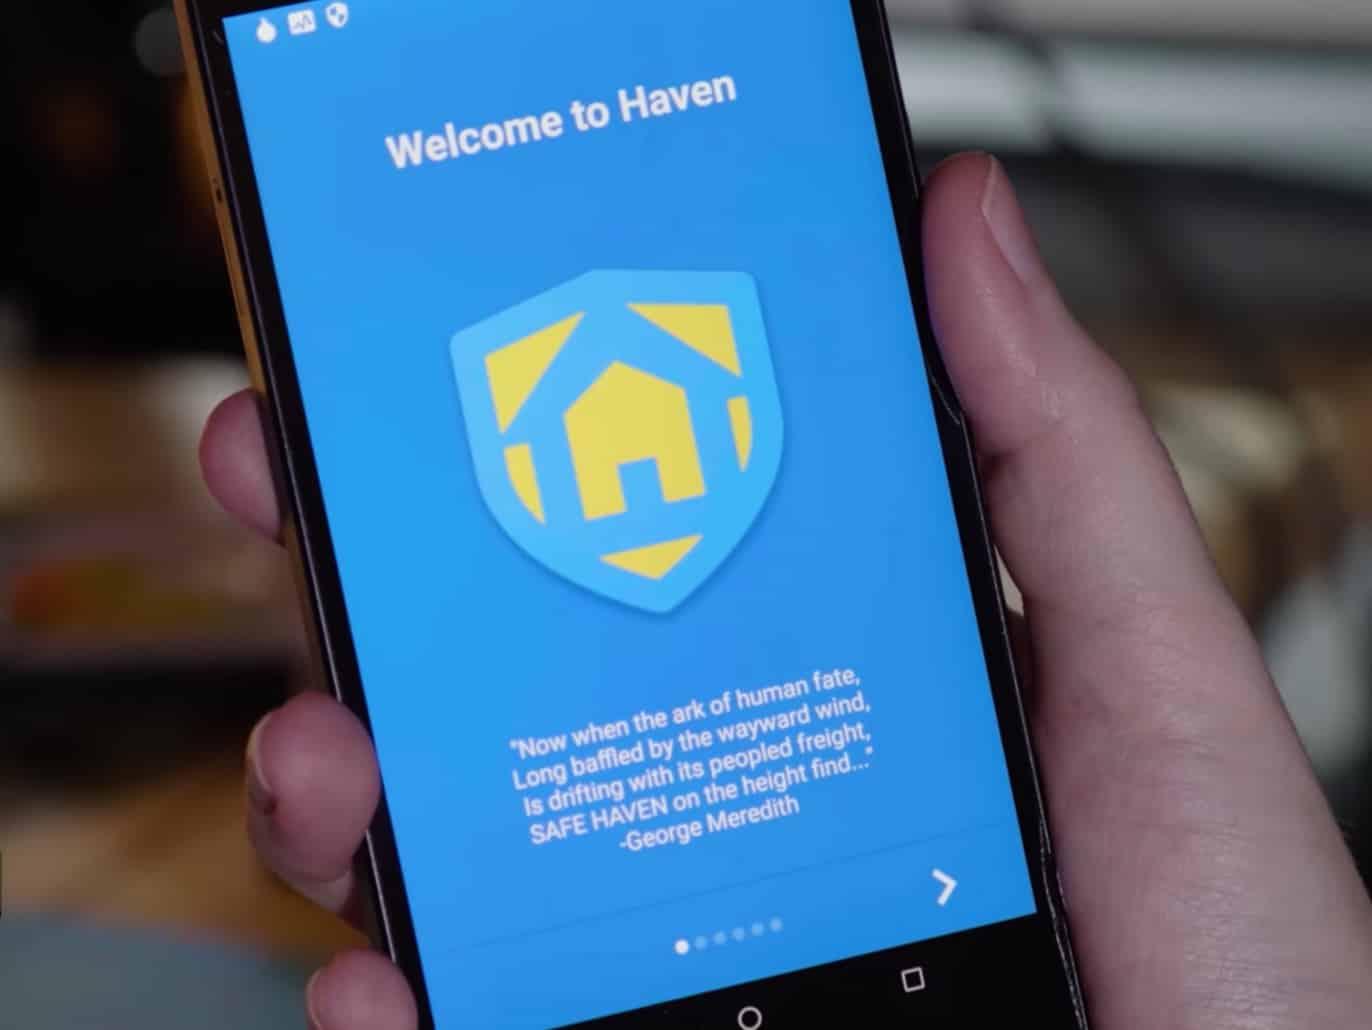 Edward Snowden ra app Haven biến điện thoại Android thành hệ thống giám sát